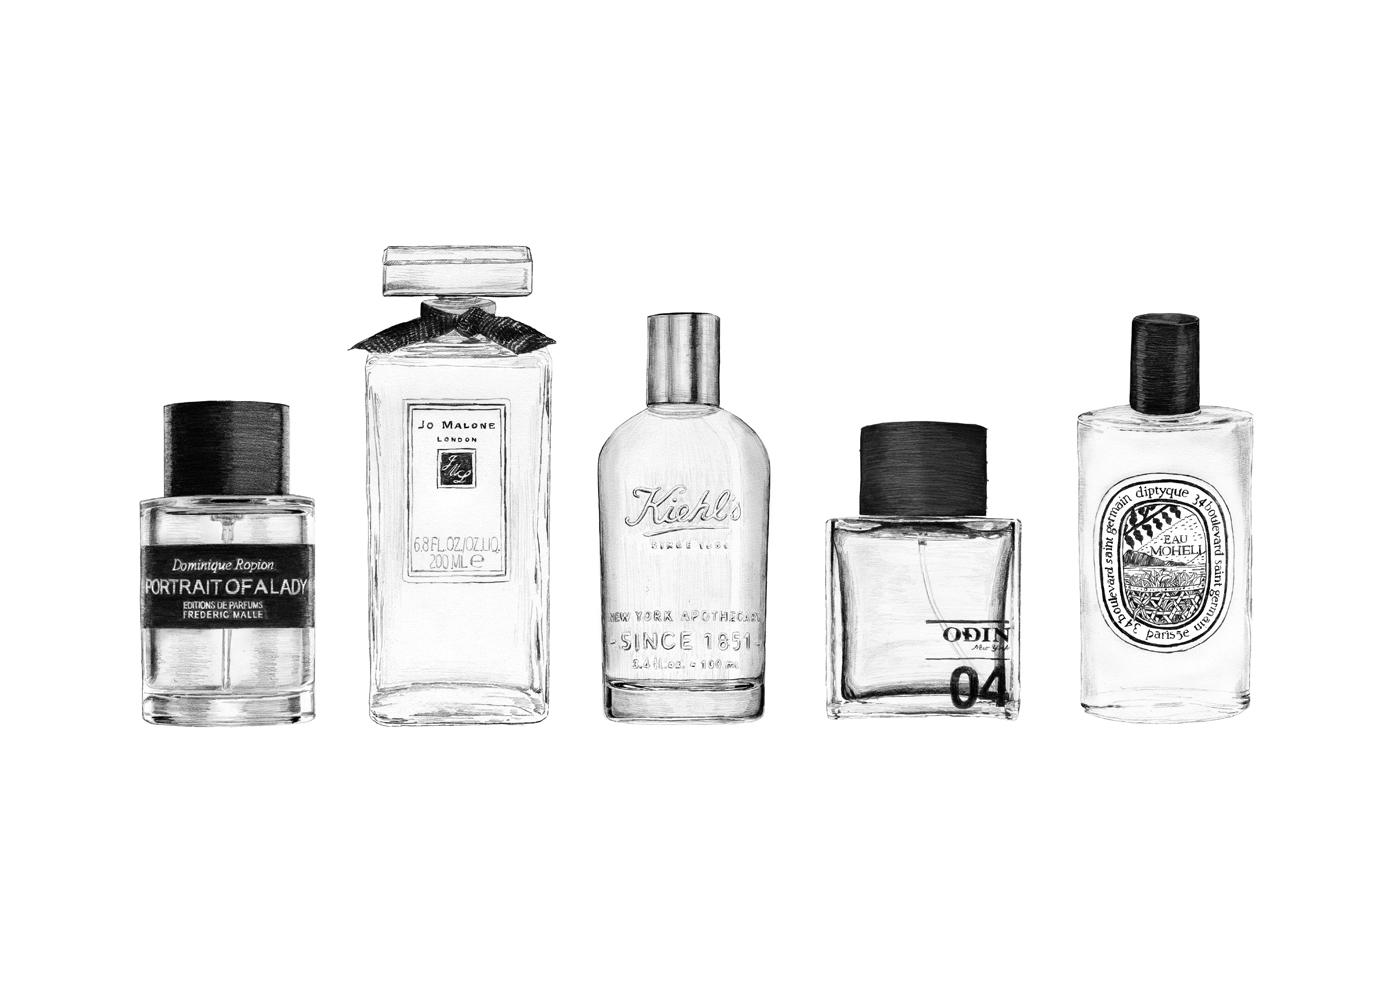 精細的17個香水瓶設計欣賞